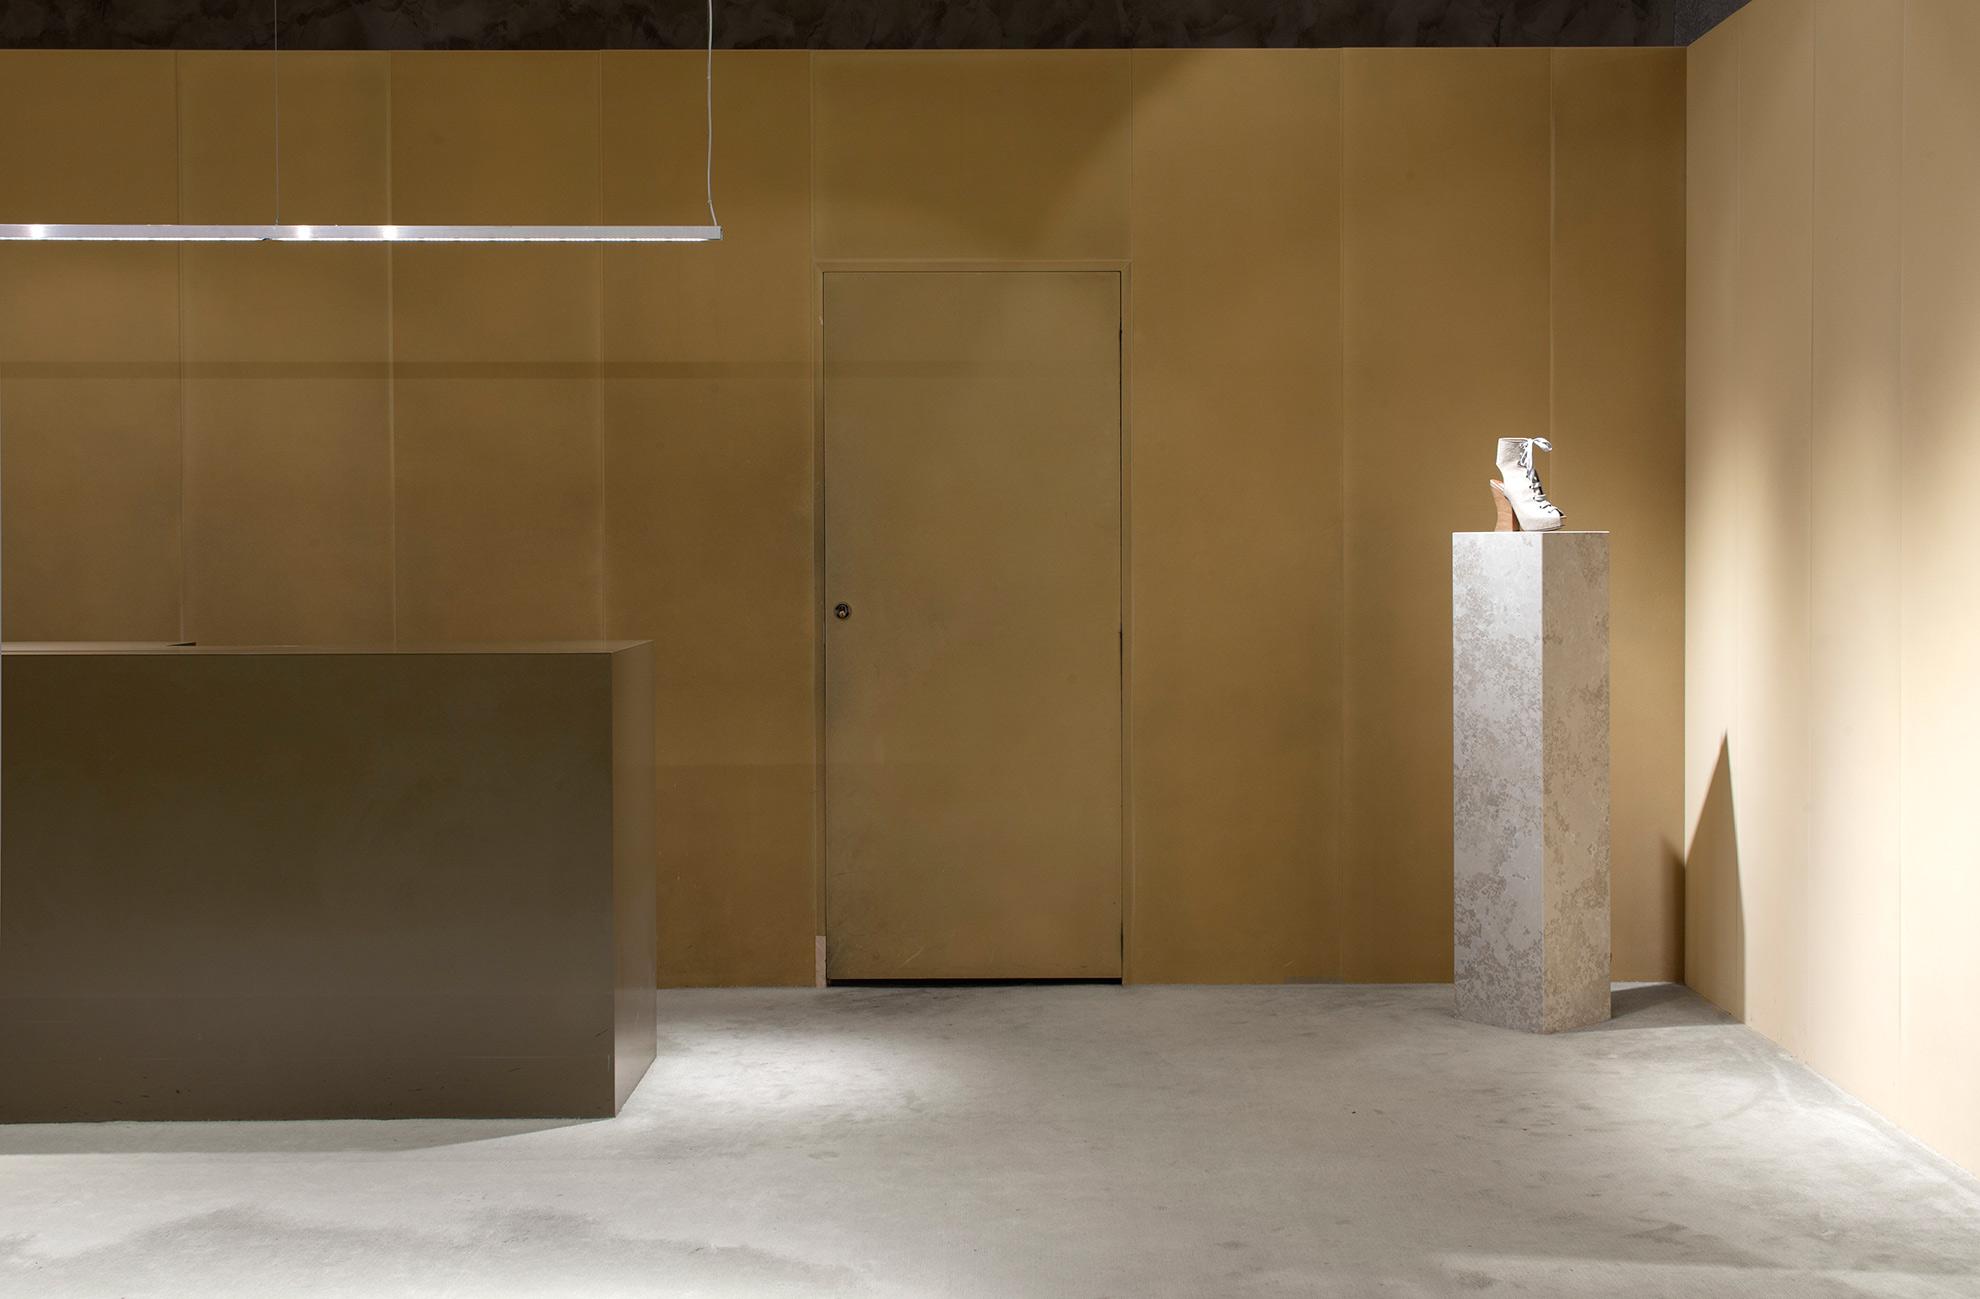 Acne Studios / Bozarth Fornell